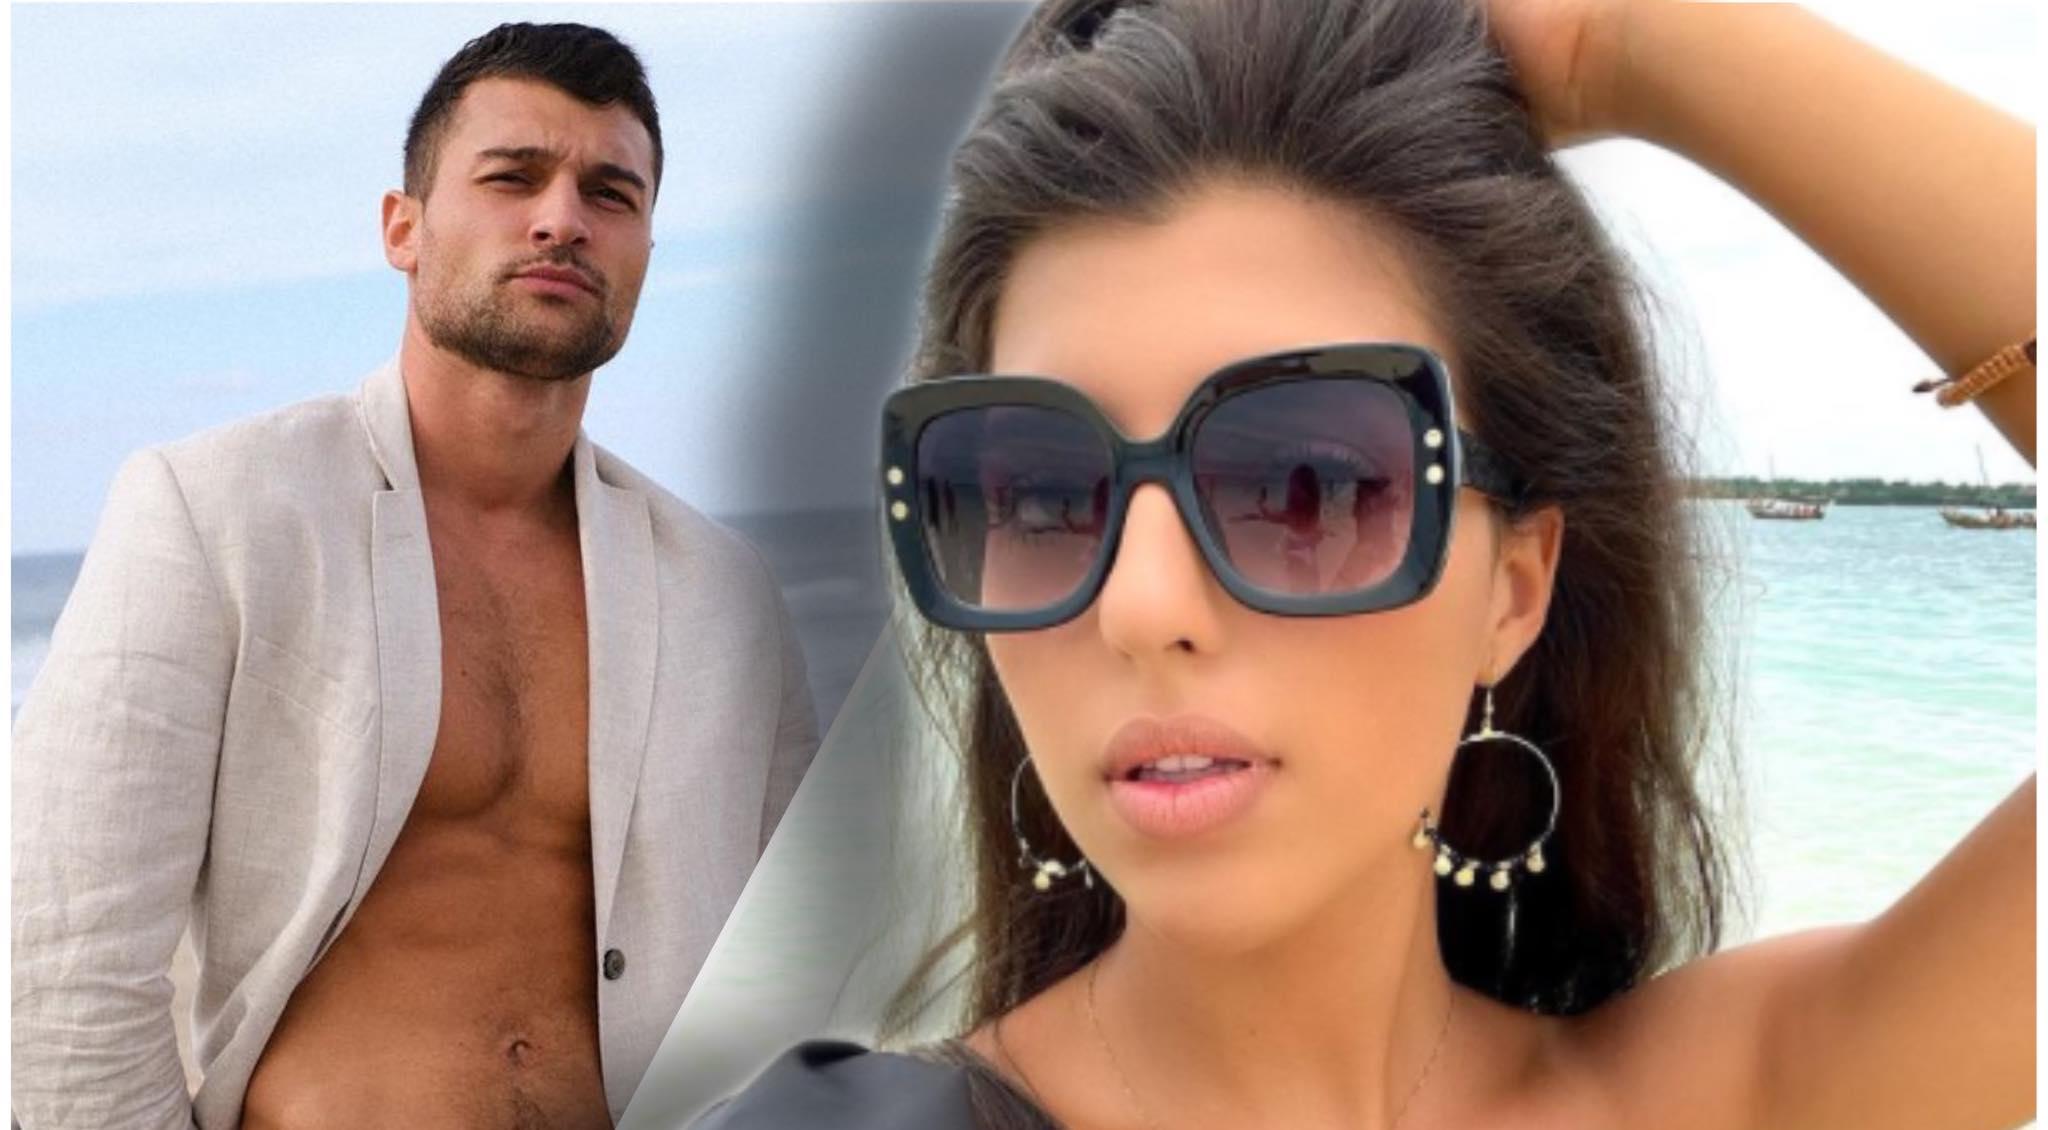 Co łączy Simona i Luizę po Hotelu Paradise 3?